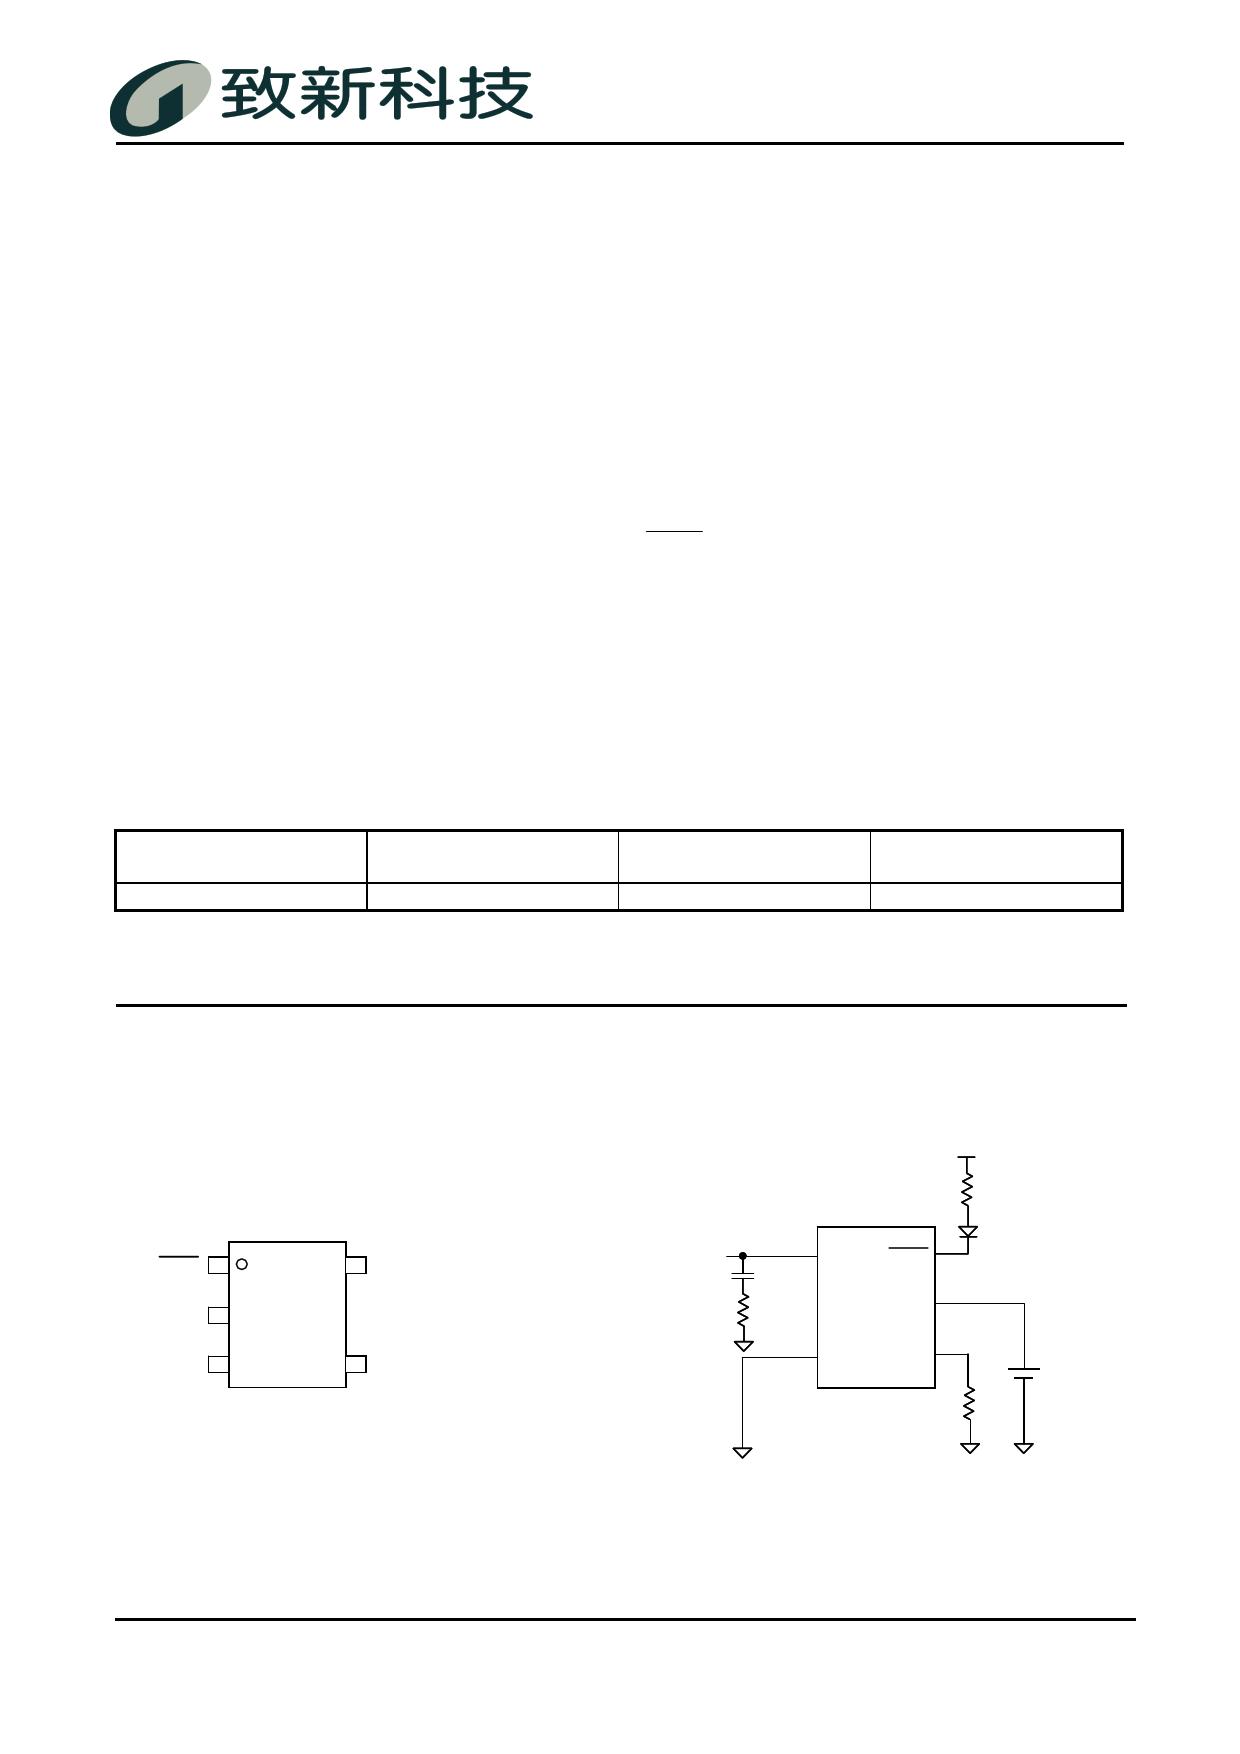 G5805 Datasheet, G5805 PDF,ピン配置, 機能